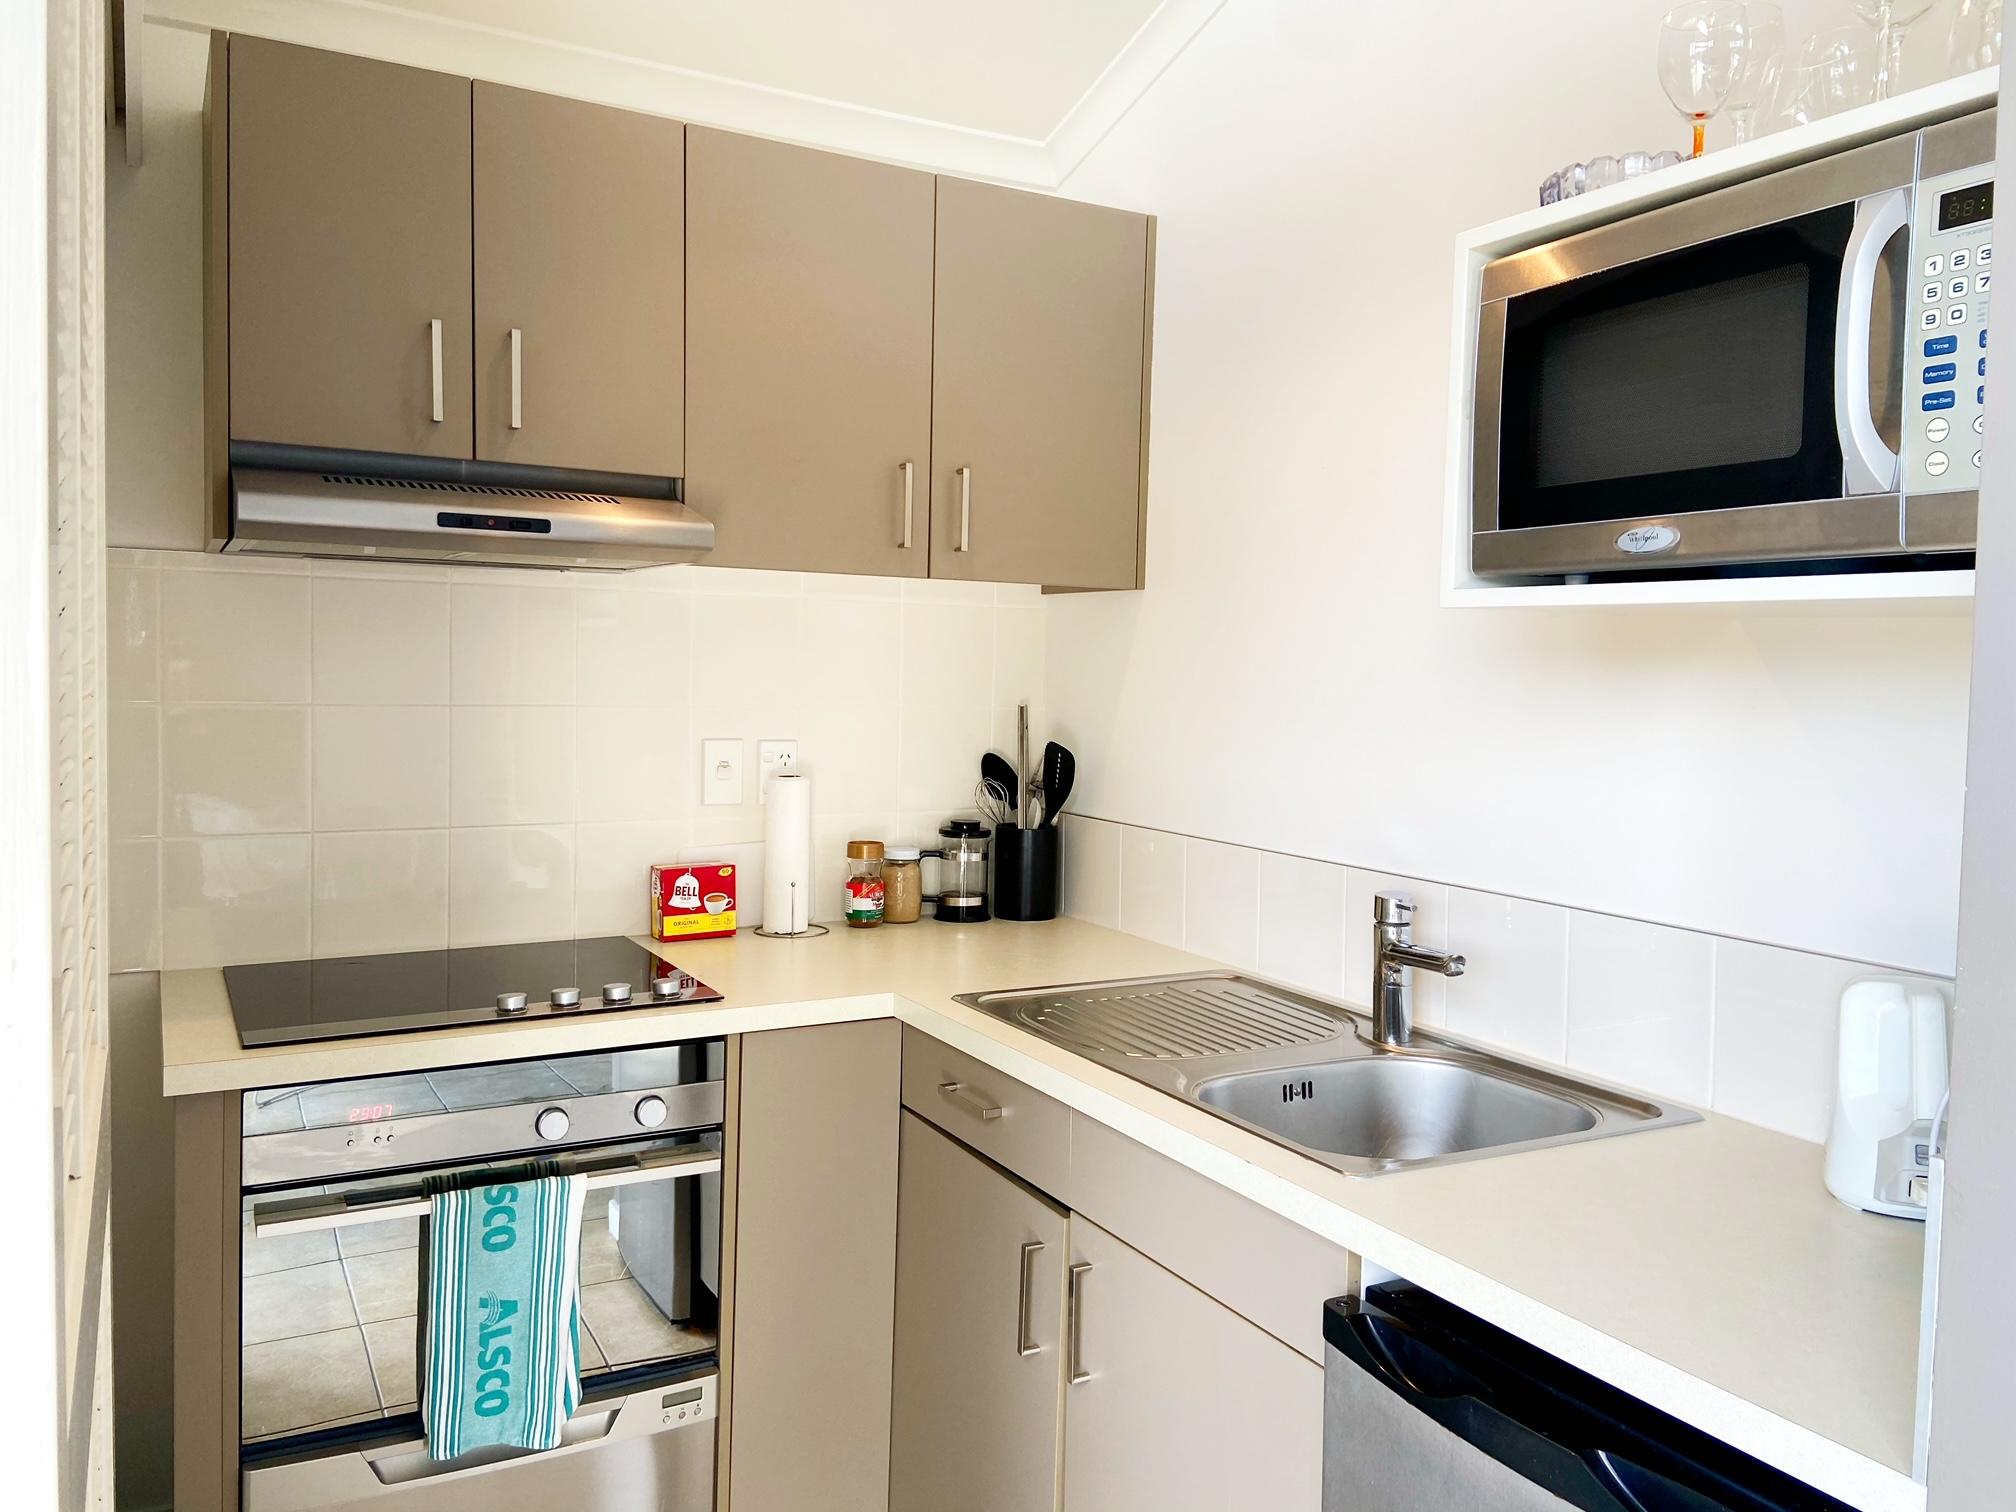 7.-Kitchen.jpg